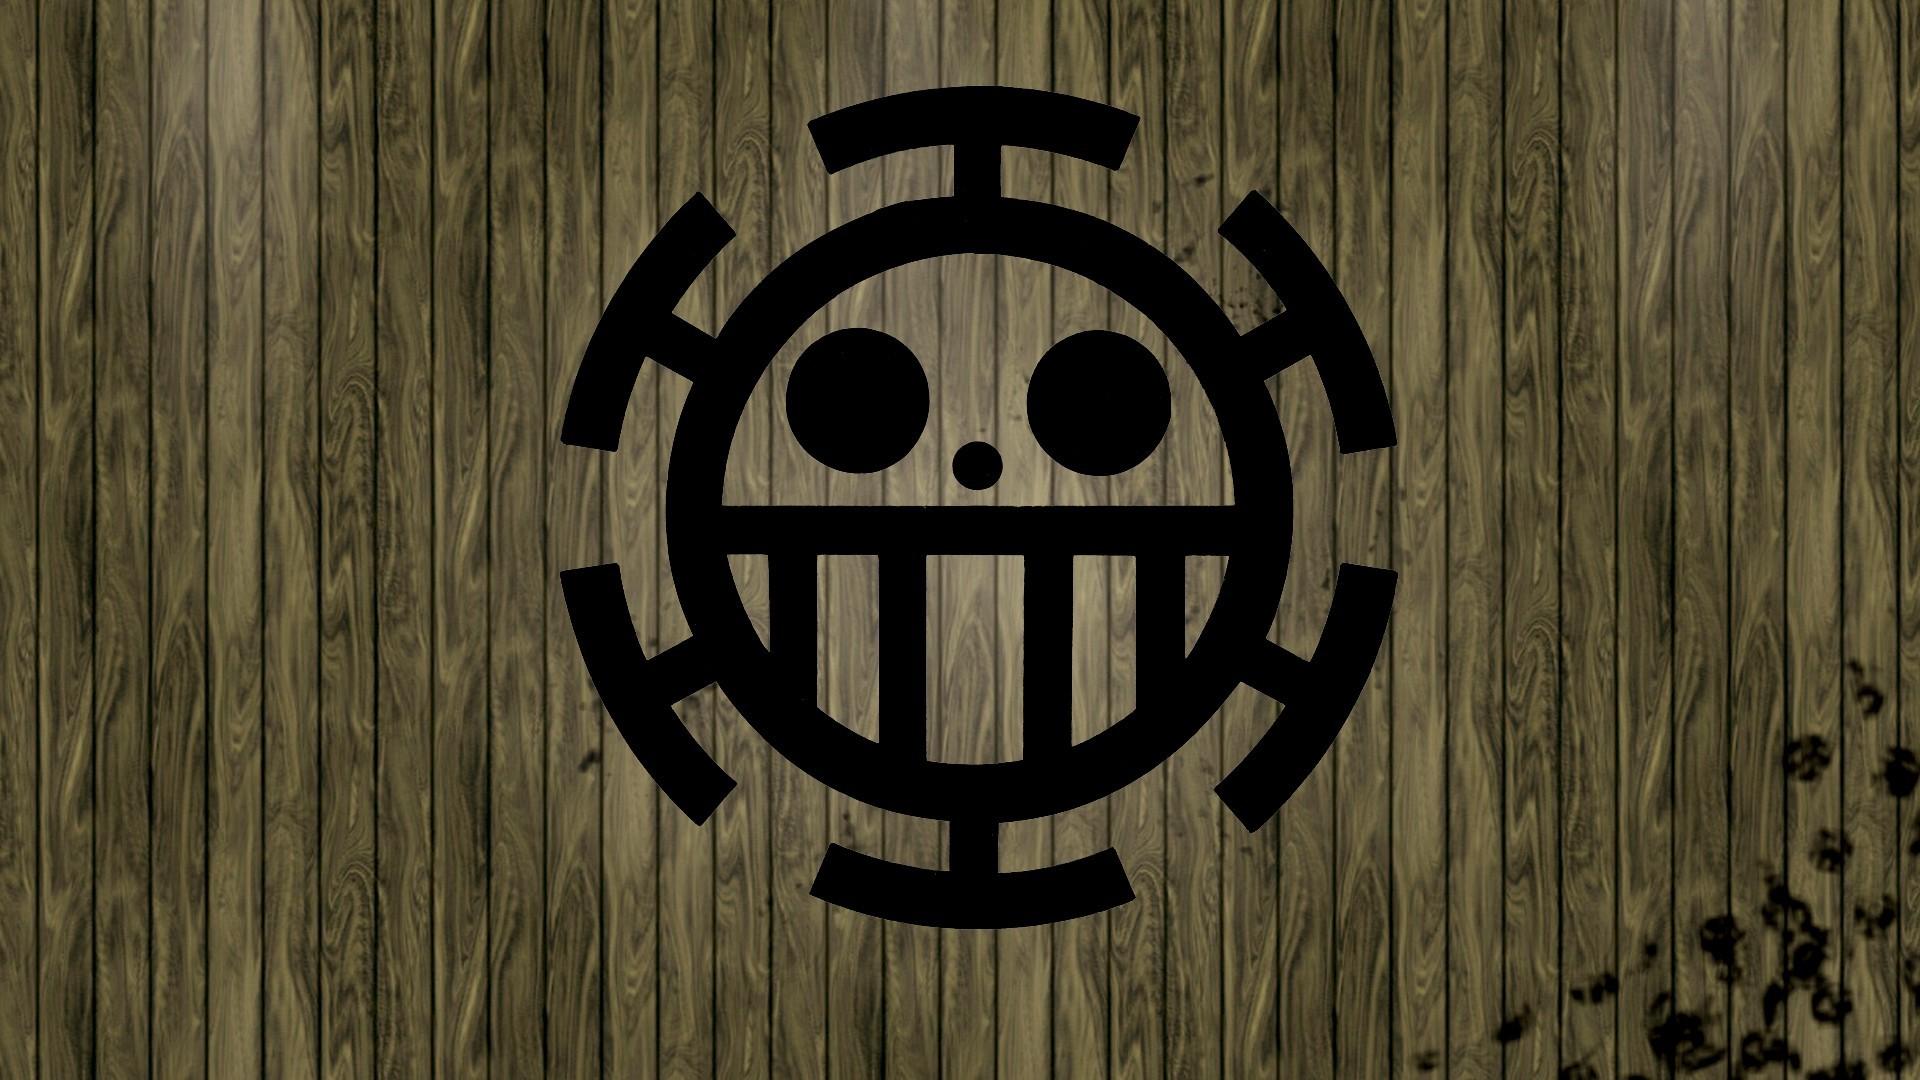 Fondos De Pantalla Ilustración Madera Logo Firmar